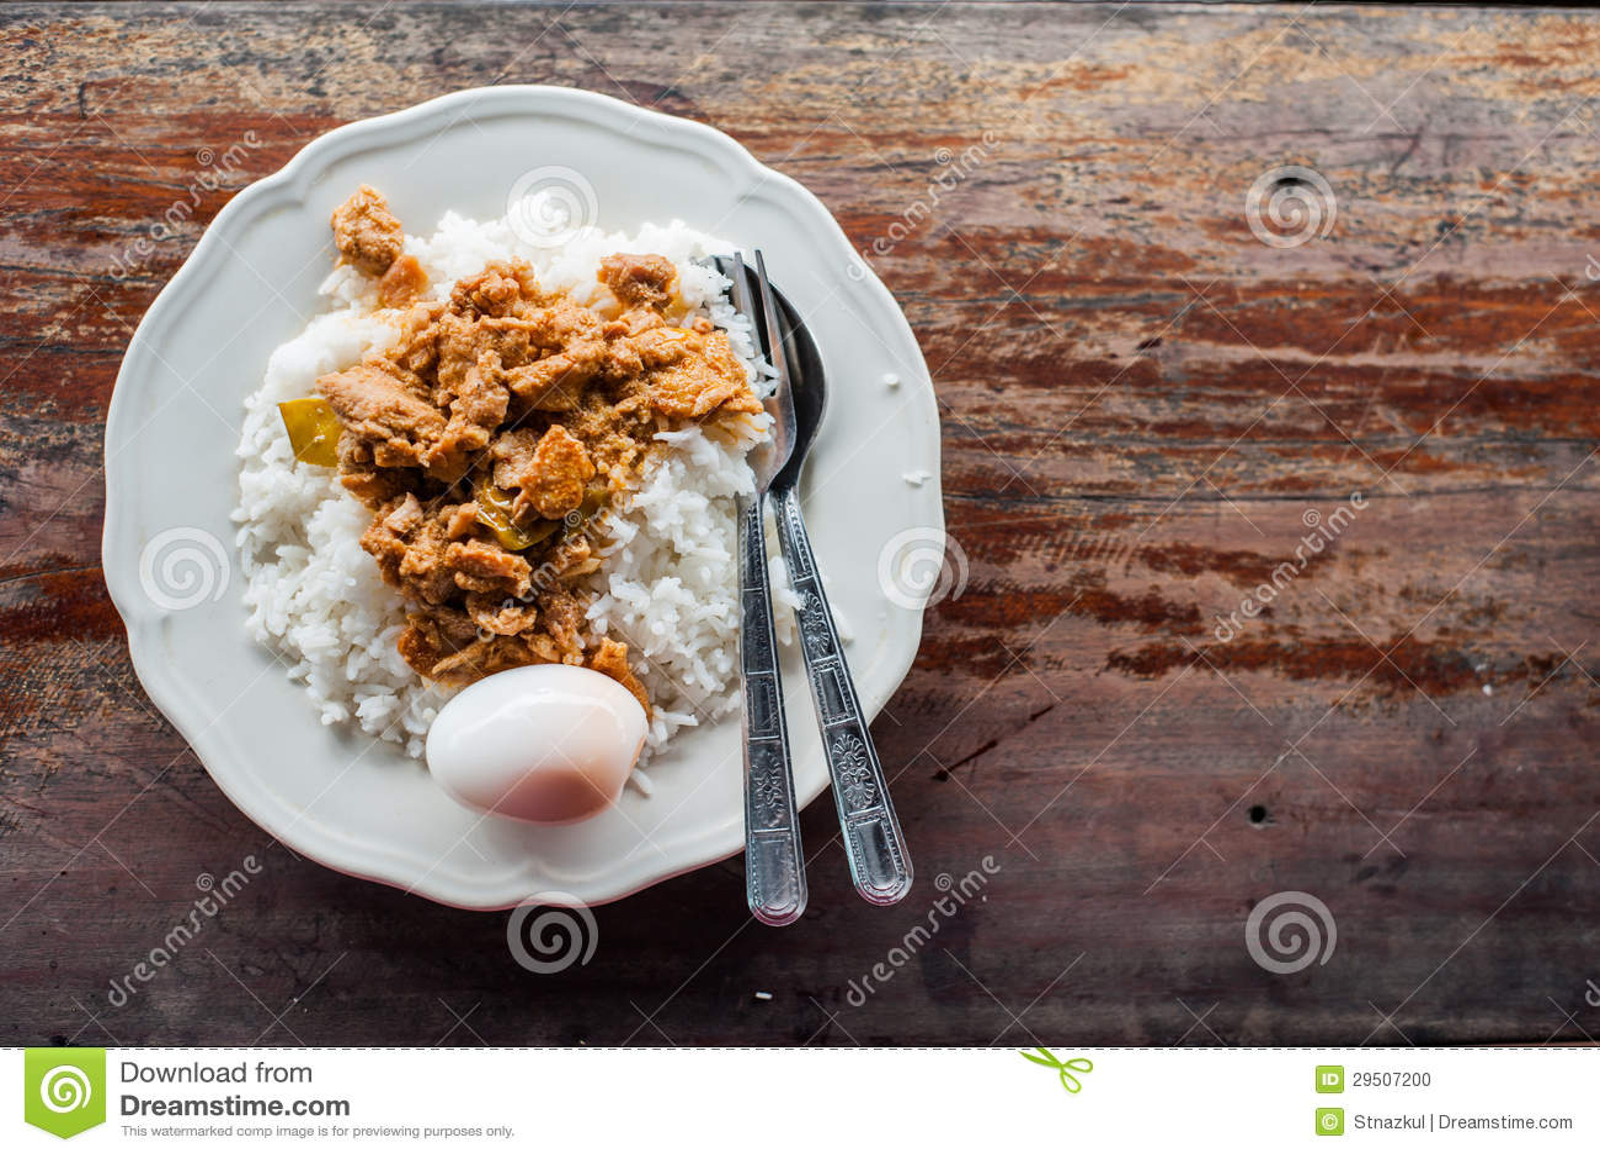 Thaise Kerrie met gekookte ei en rijst